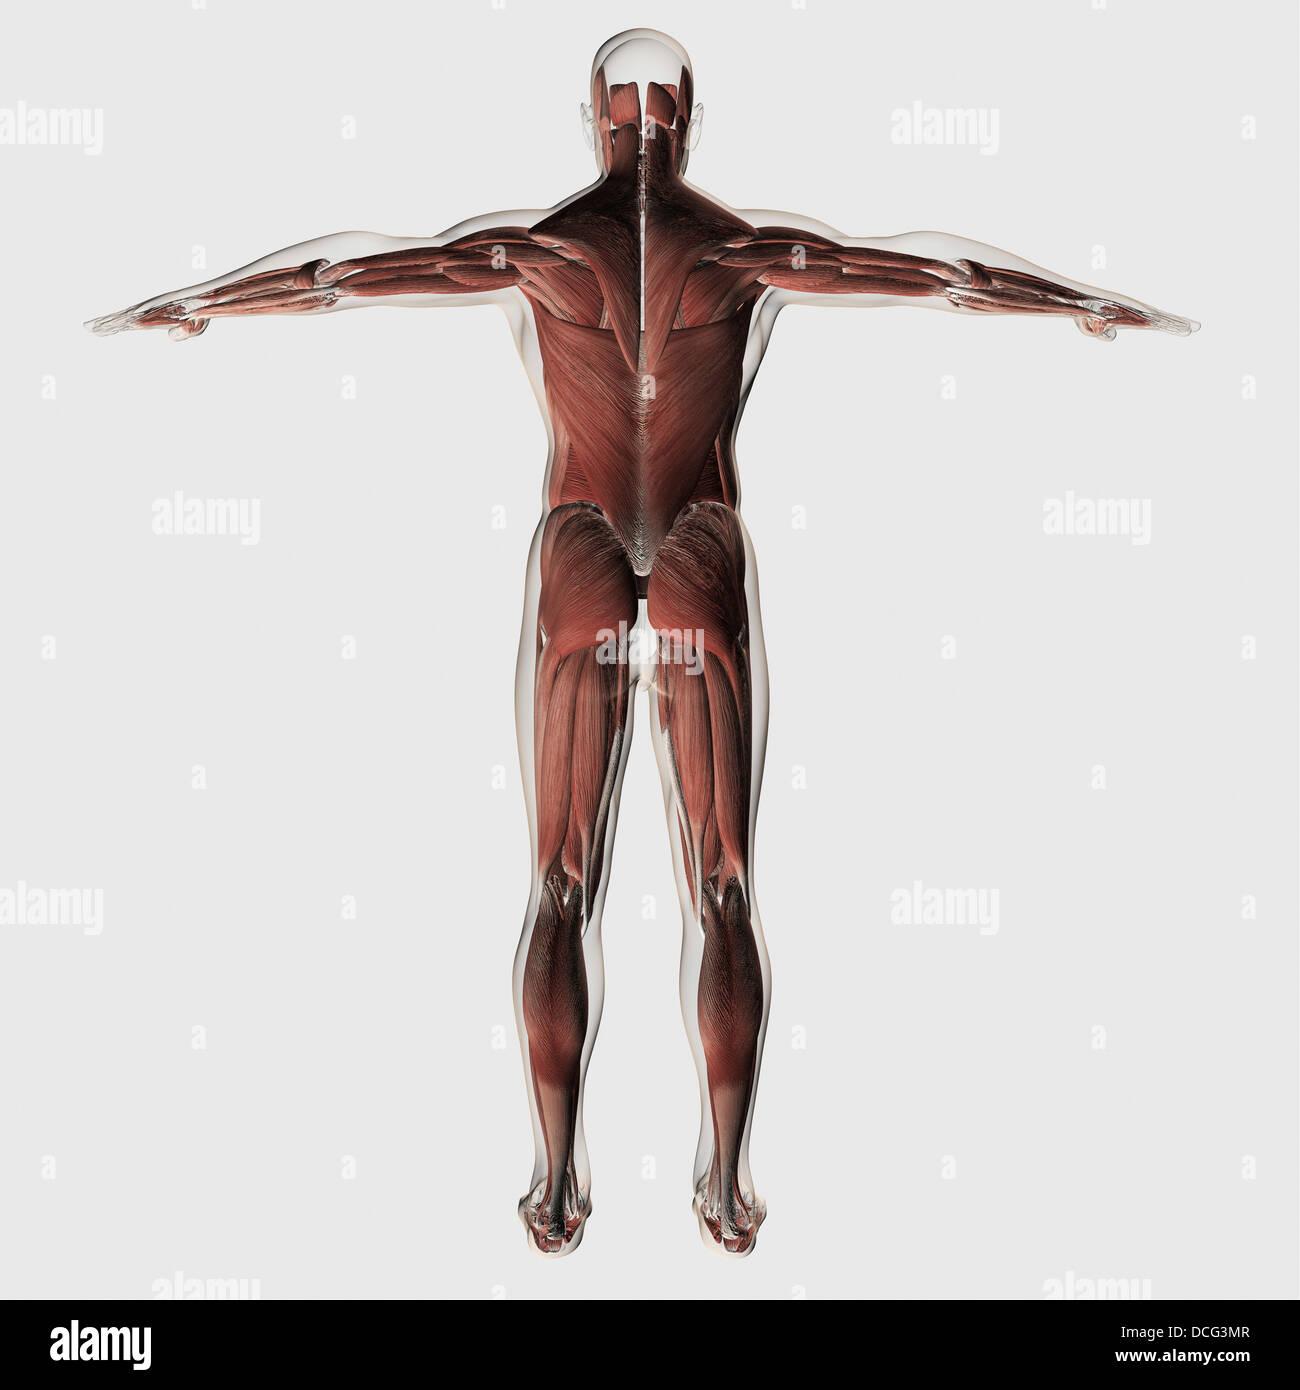 Ziemlich Sichtbare Körper 3d Anatomie Bilder - Menschliche Anatomie ...